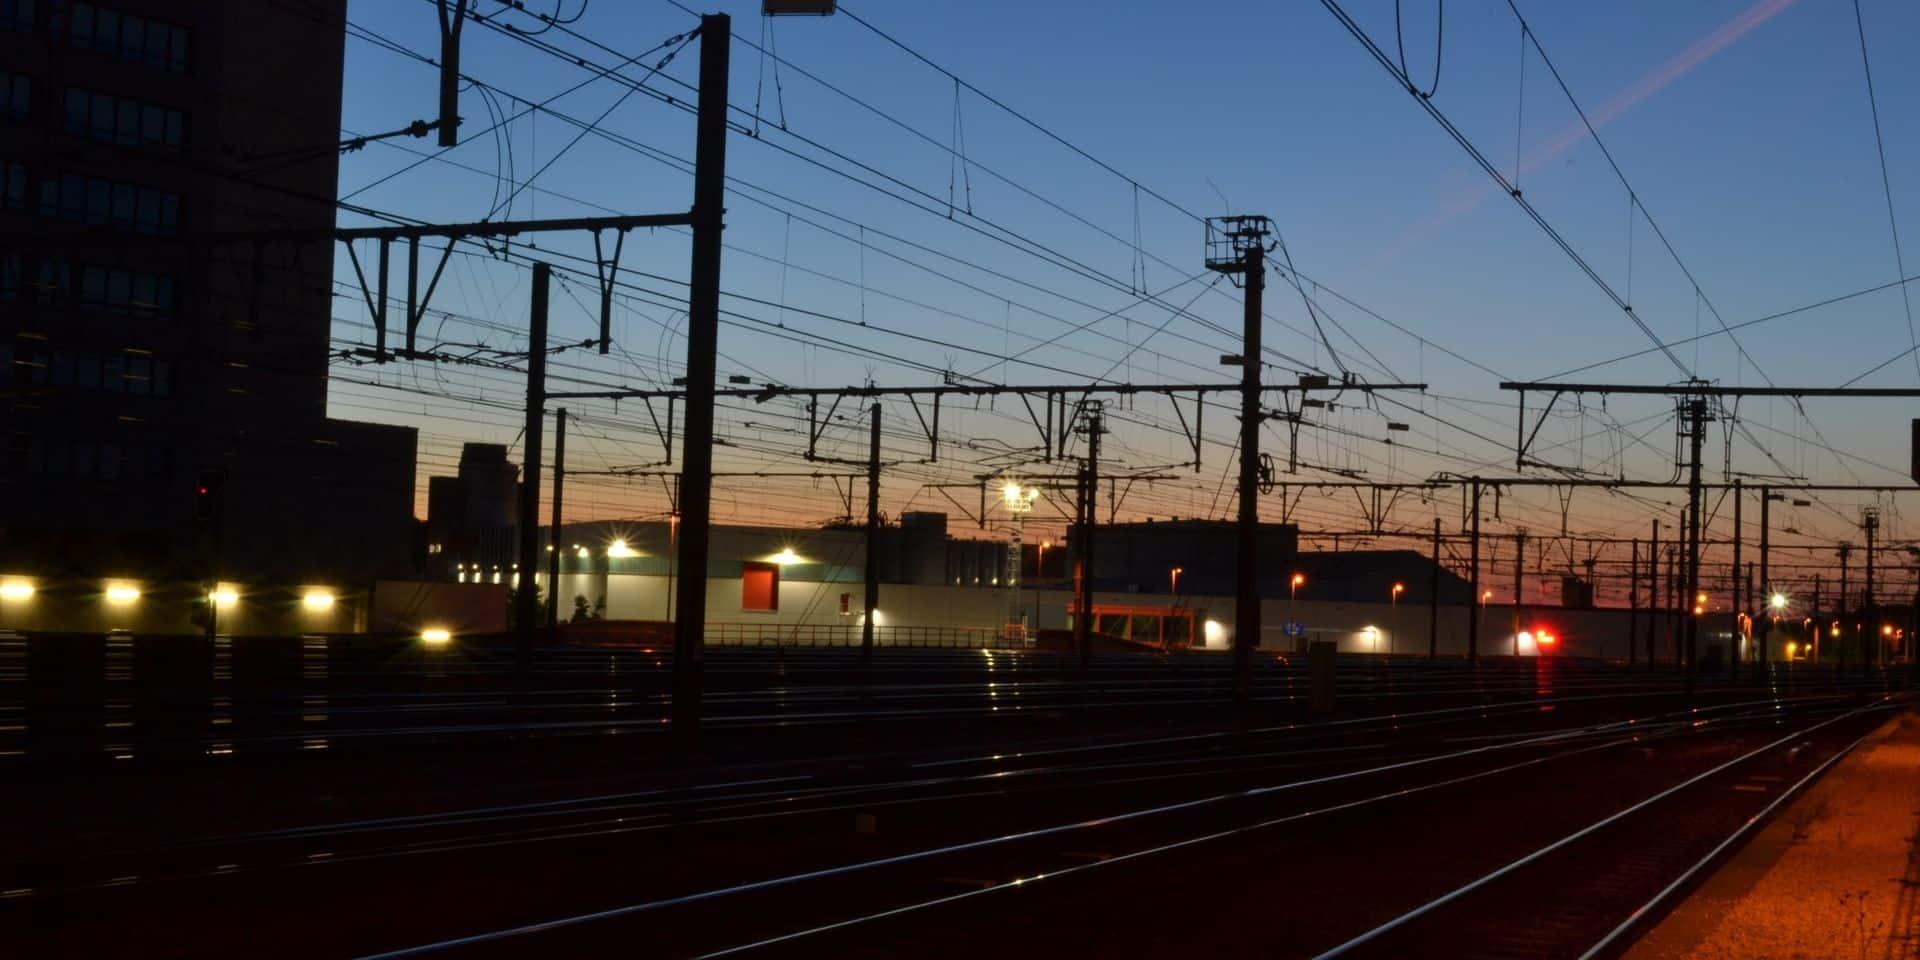 Le gouvernement prévoit de débloquer 2 millions d'euros pour développer les trains de nuit